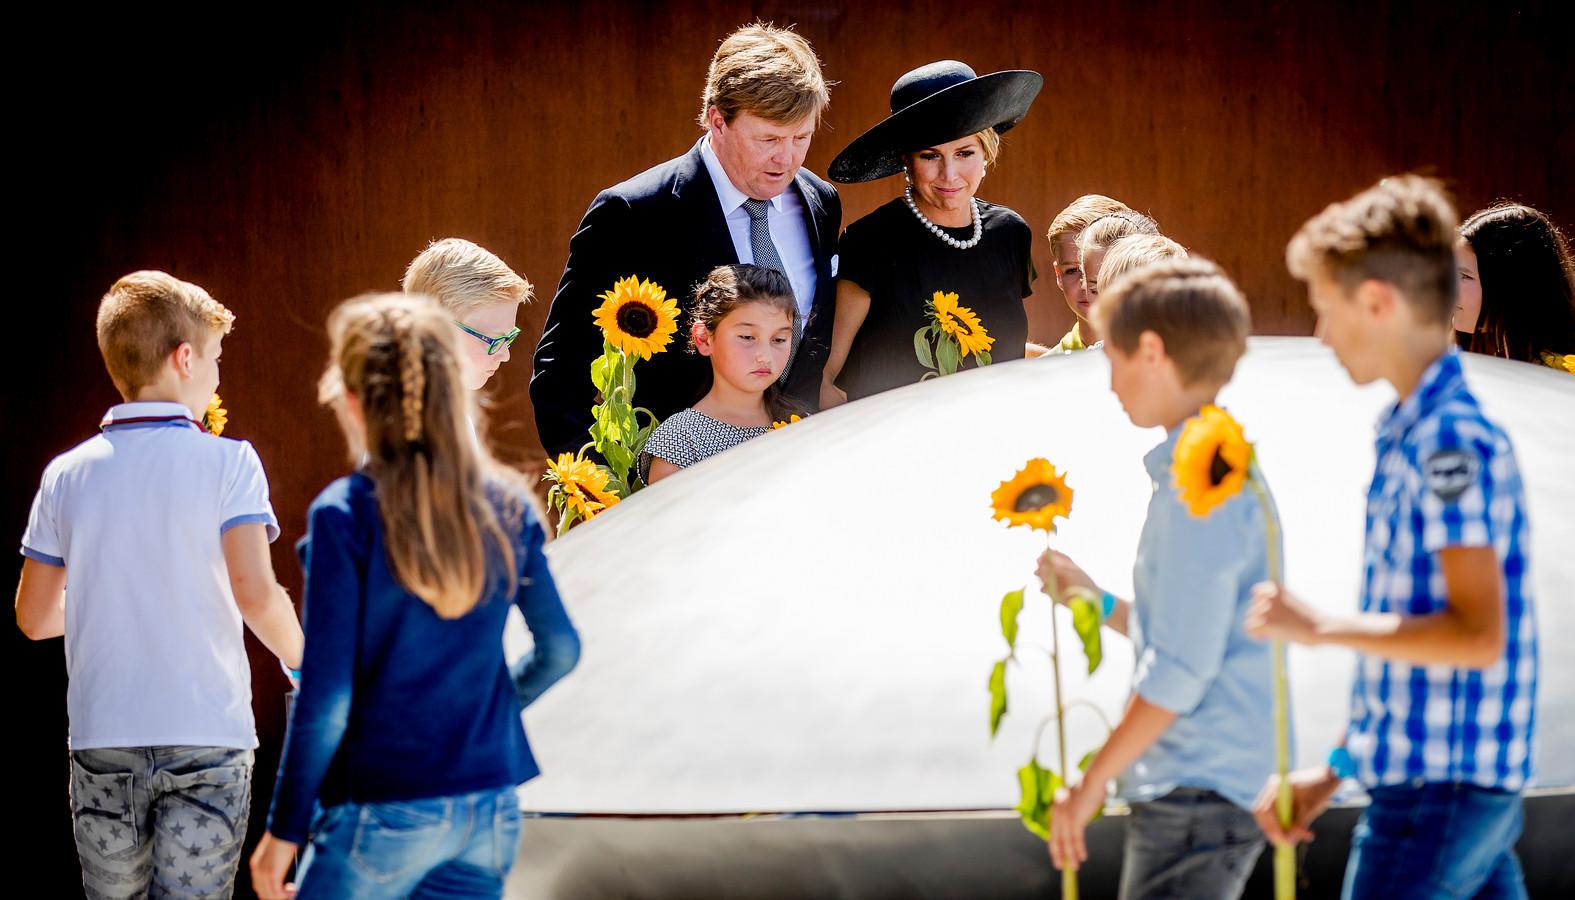 Koning Willem-Alexander en koningin Maxima tijdens de onthulling van het Nationaal Monument MH17